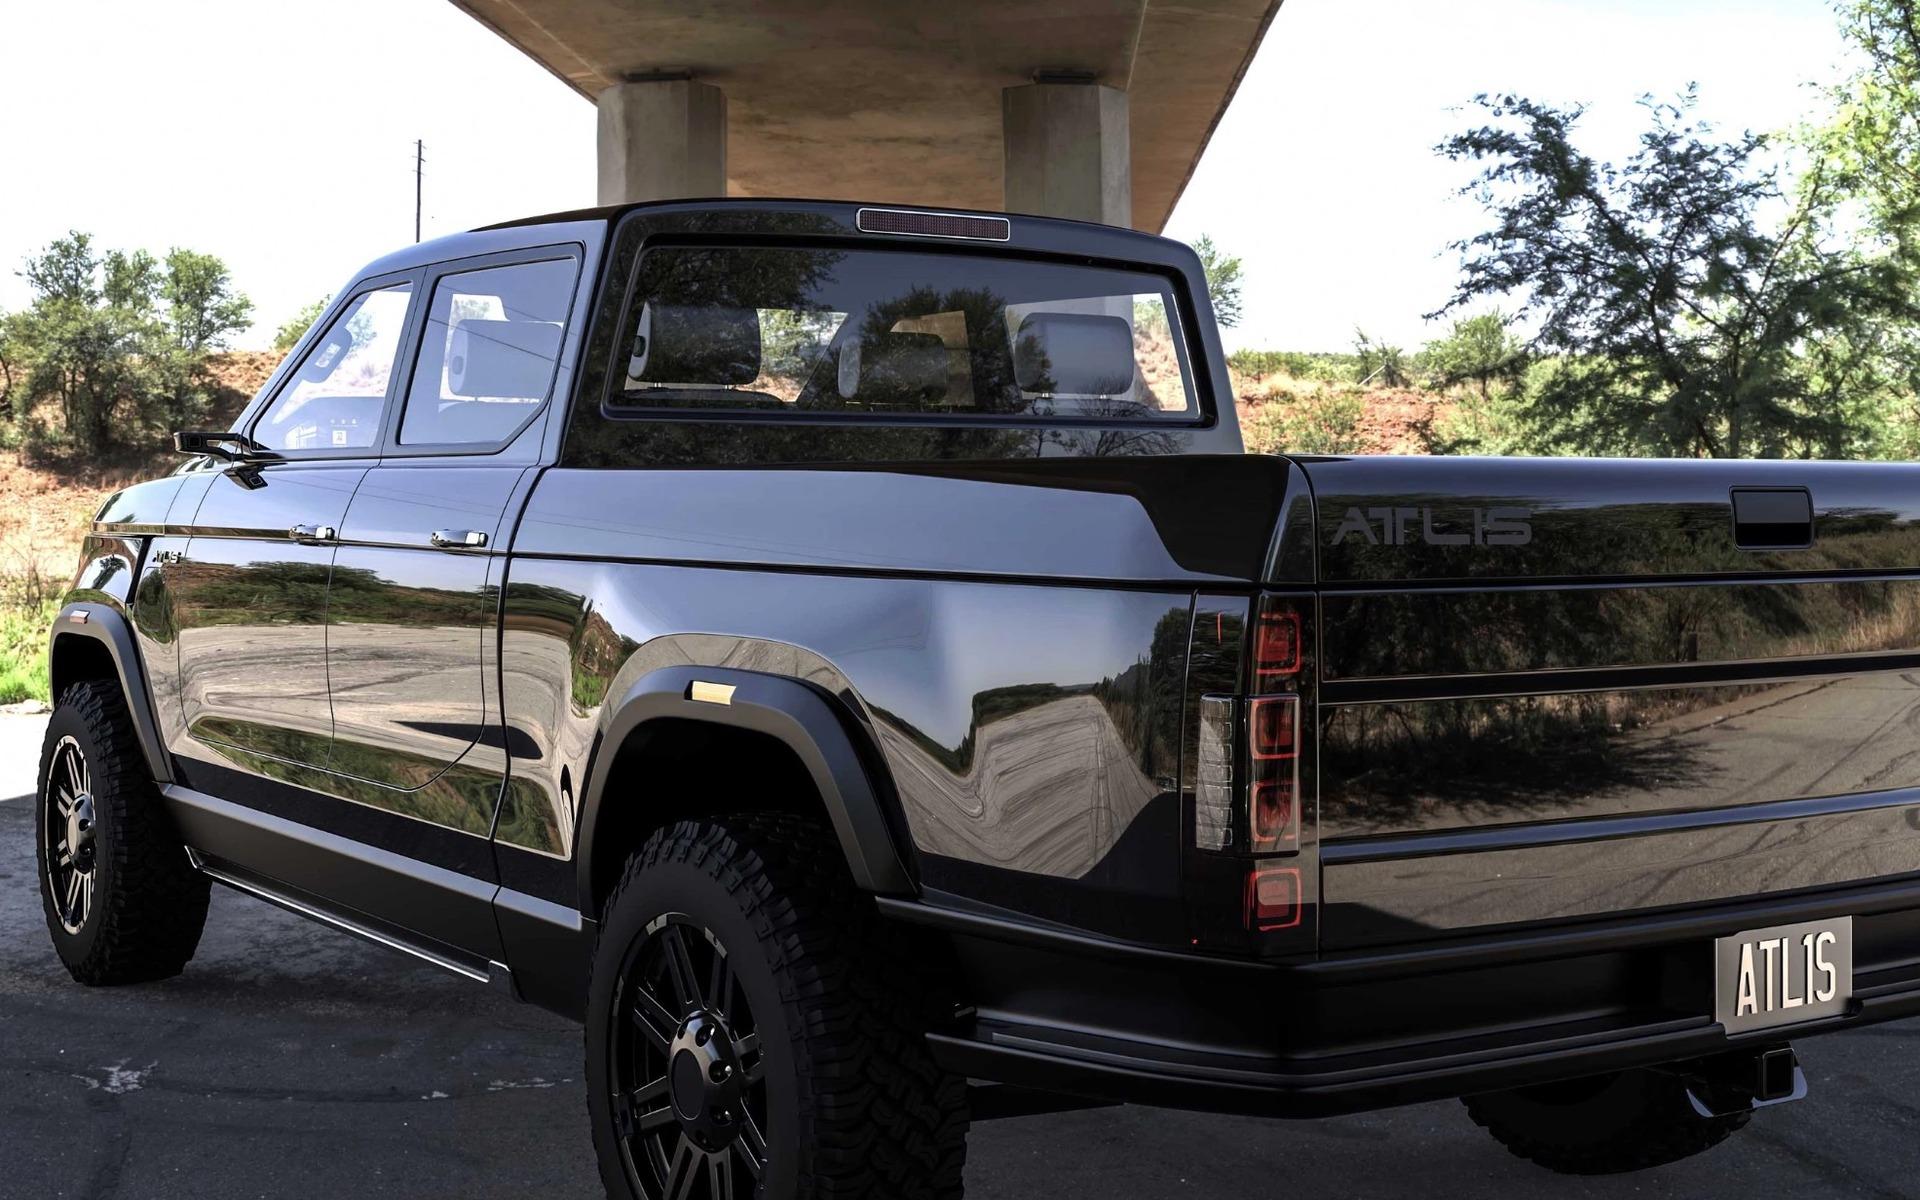 Jusqu'à 805 kilomètres d'autonomie pour ce pickup électrique 362080_Jusqu_a_805_kilometres_d_autonomie_pour_ce_pickup_electrique